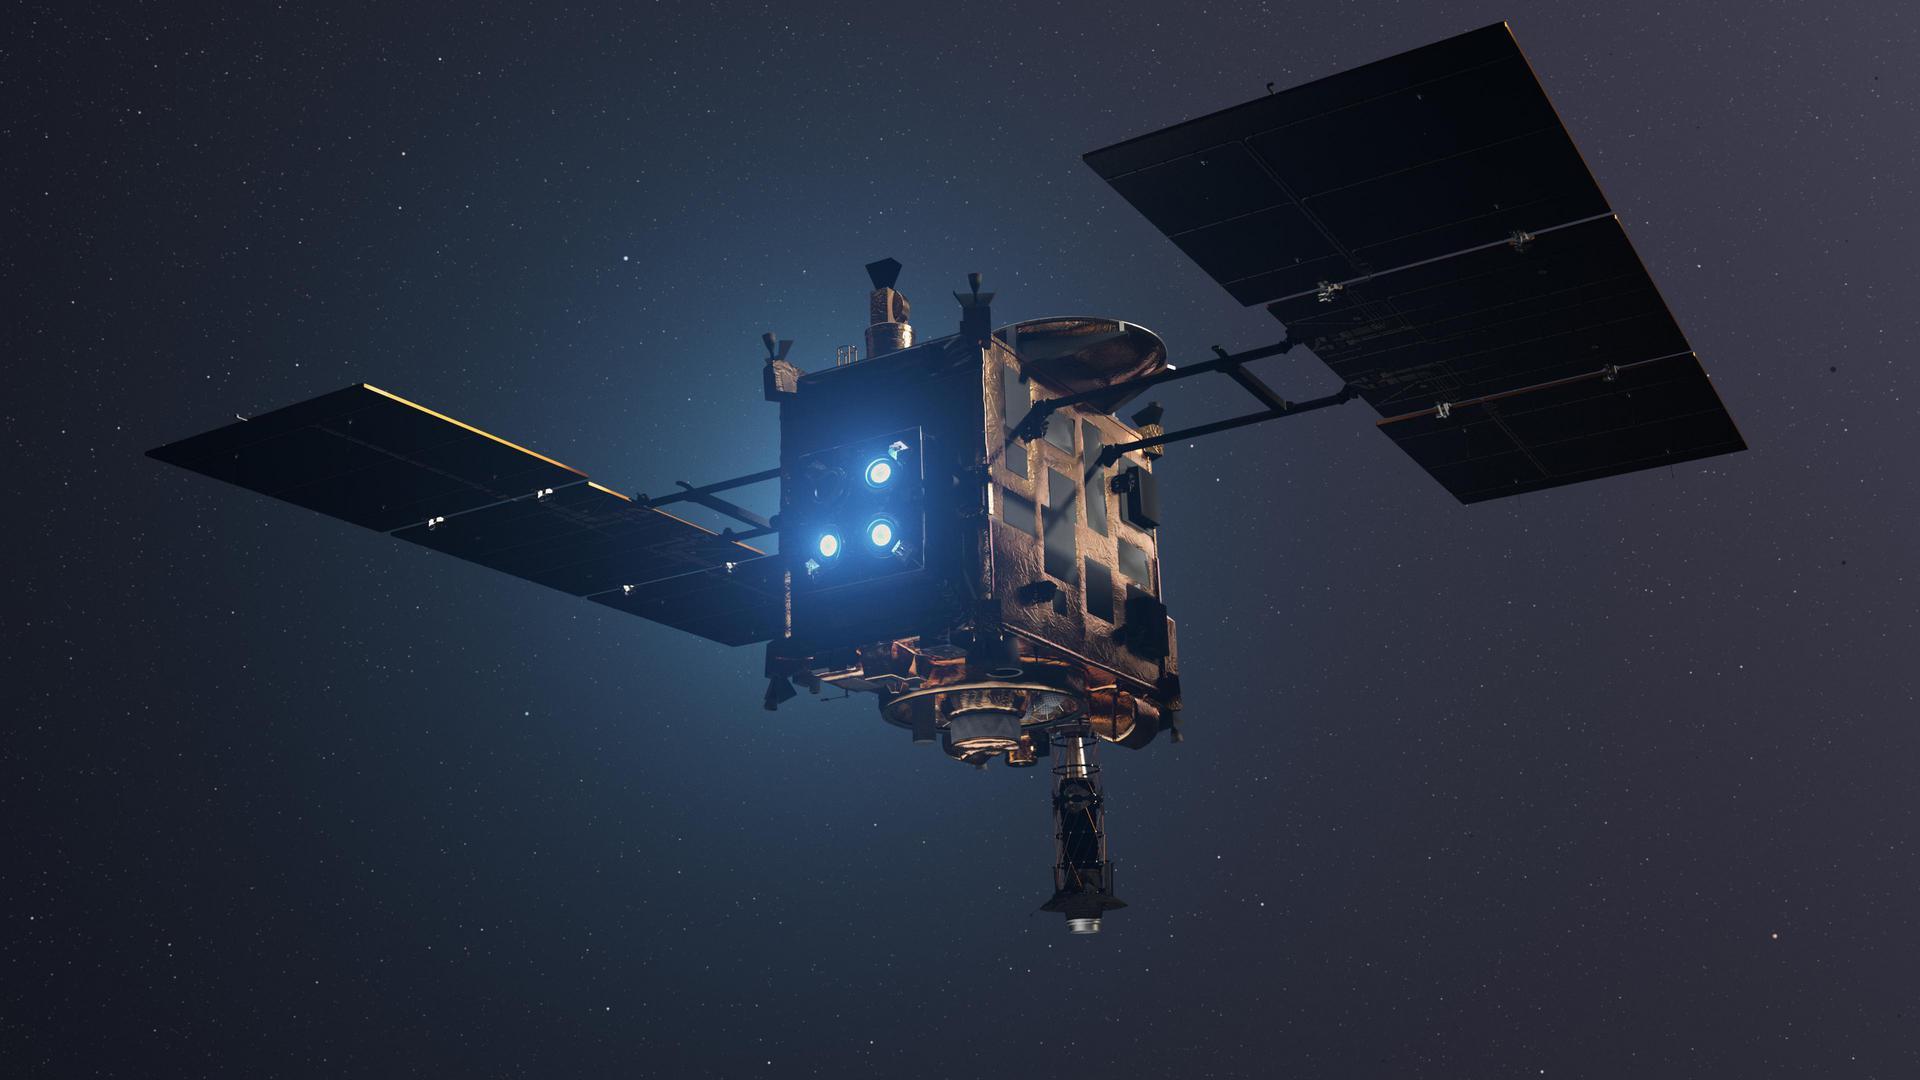 «Хаябуса-2» приступил к отбору пробы вещества астероида Рюгу